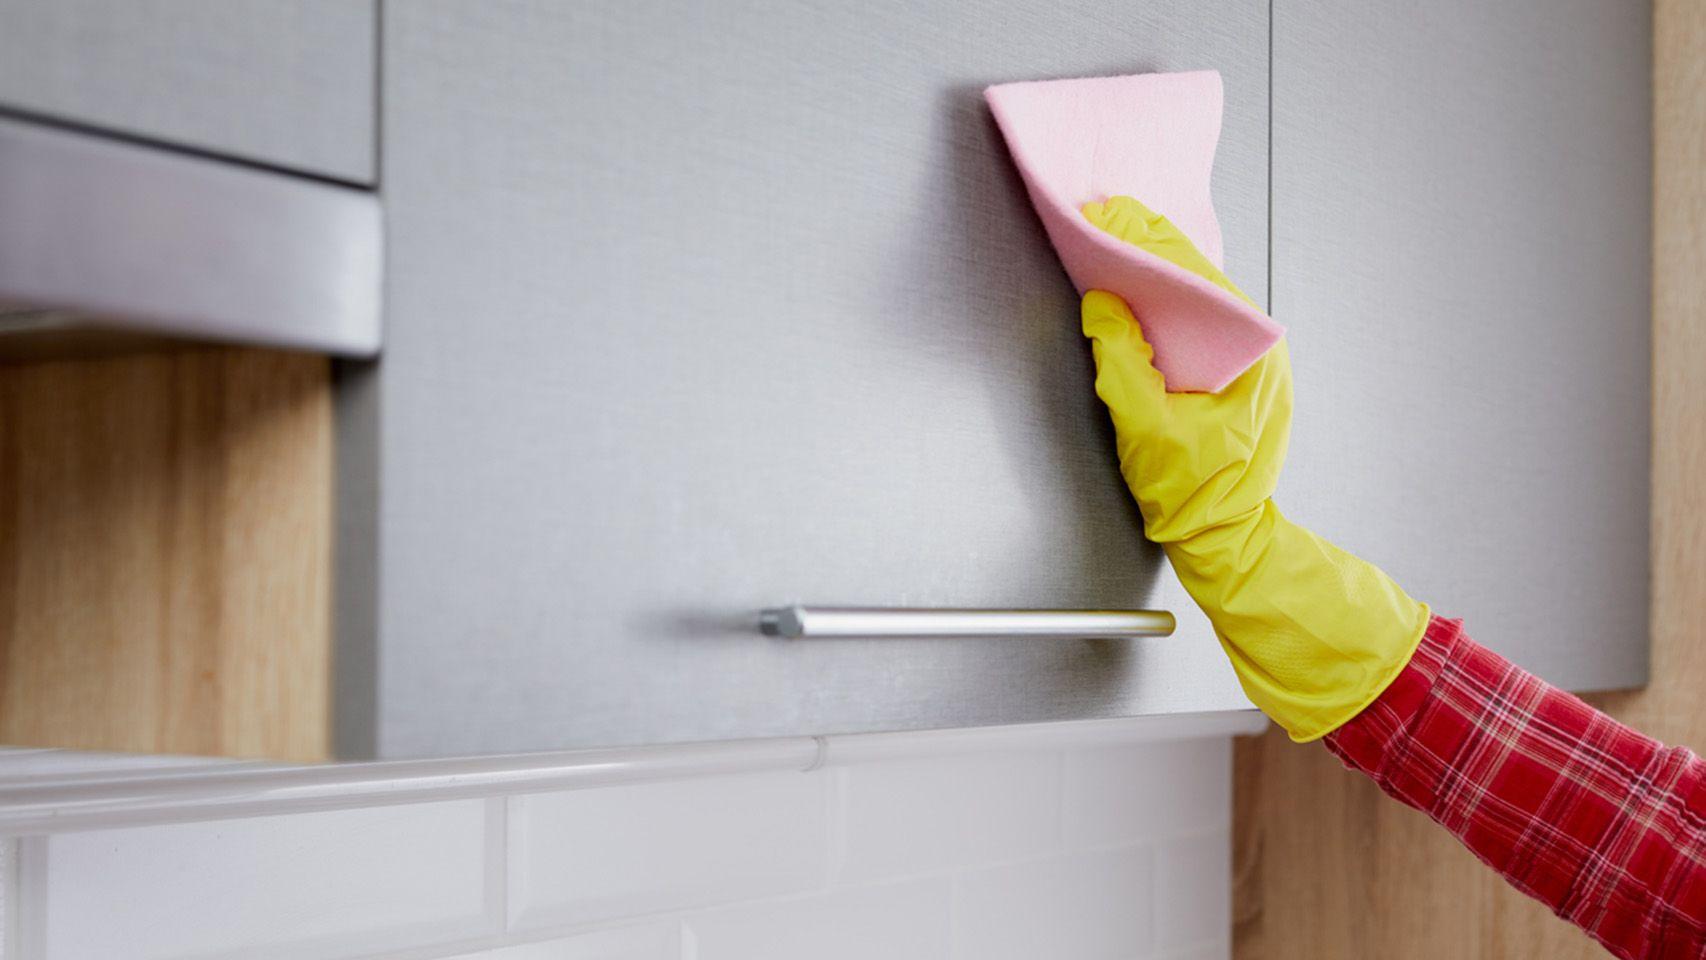 Quitar manchas de los armarios de la cocina con vinagre